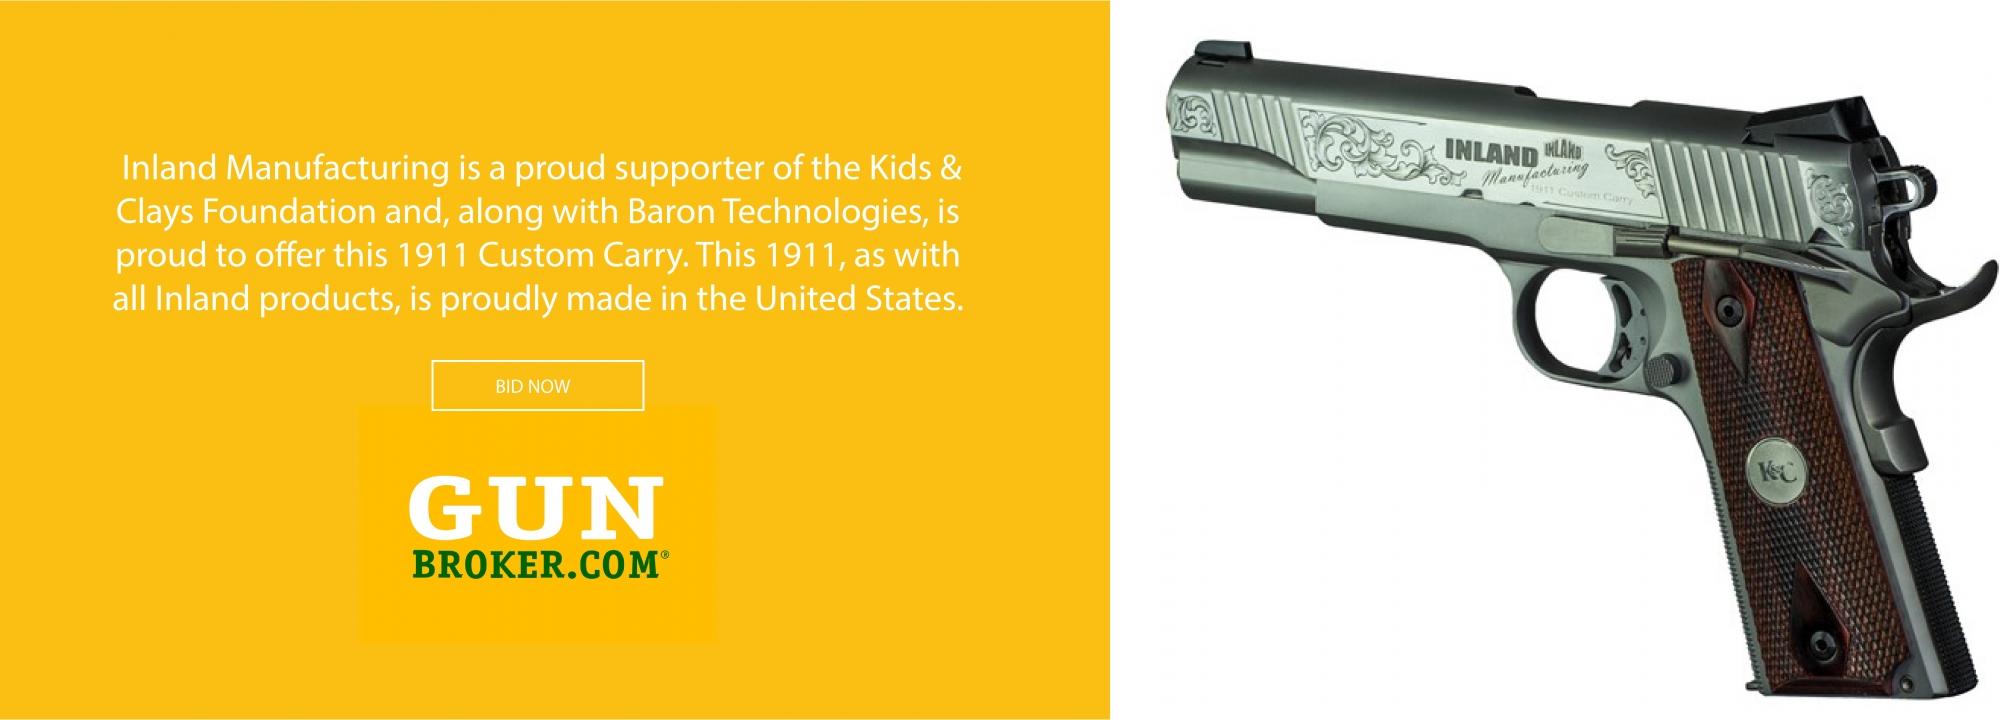 Gun-Broker-Slide-11-19-19